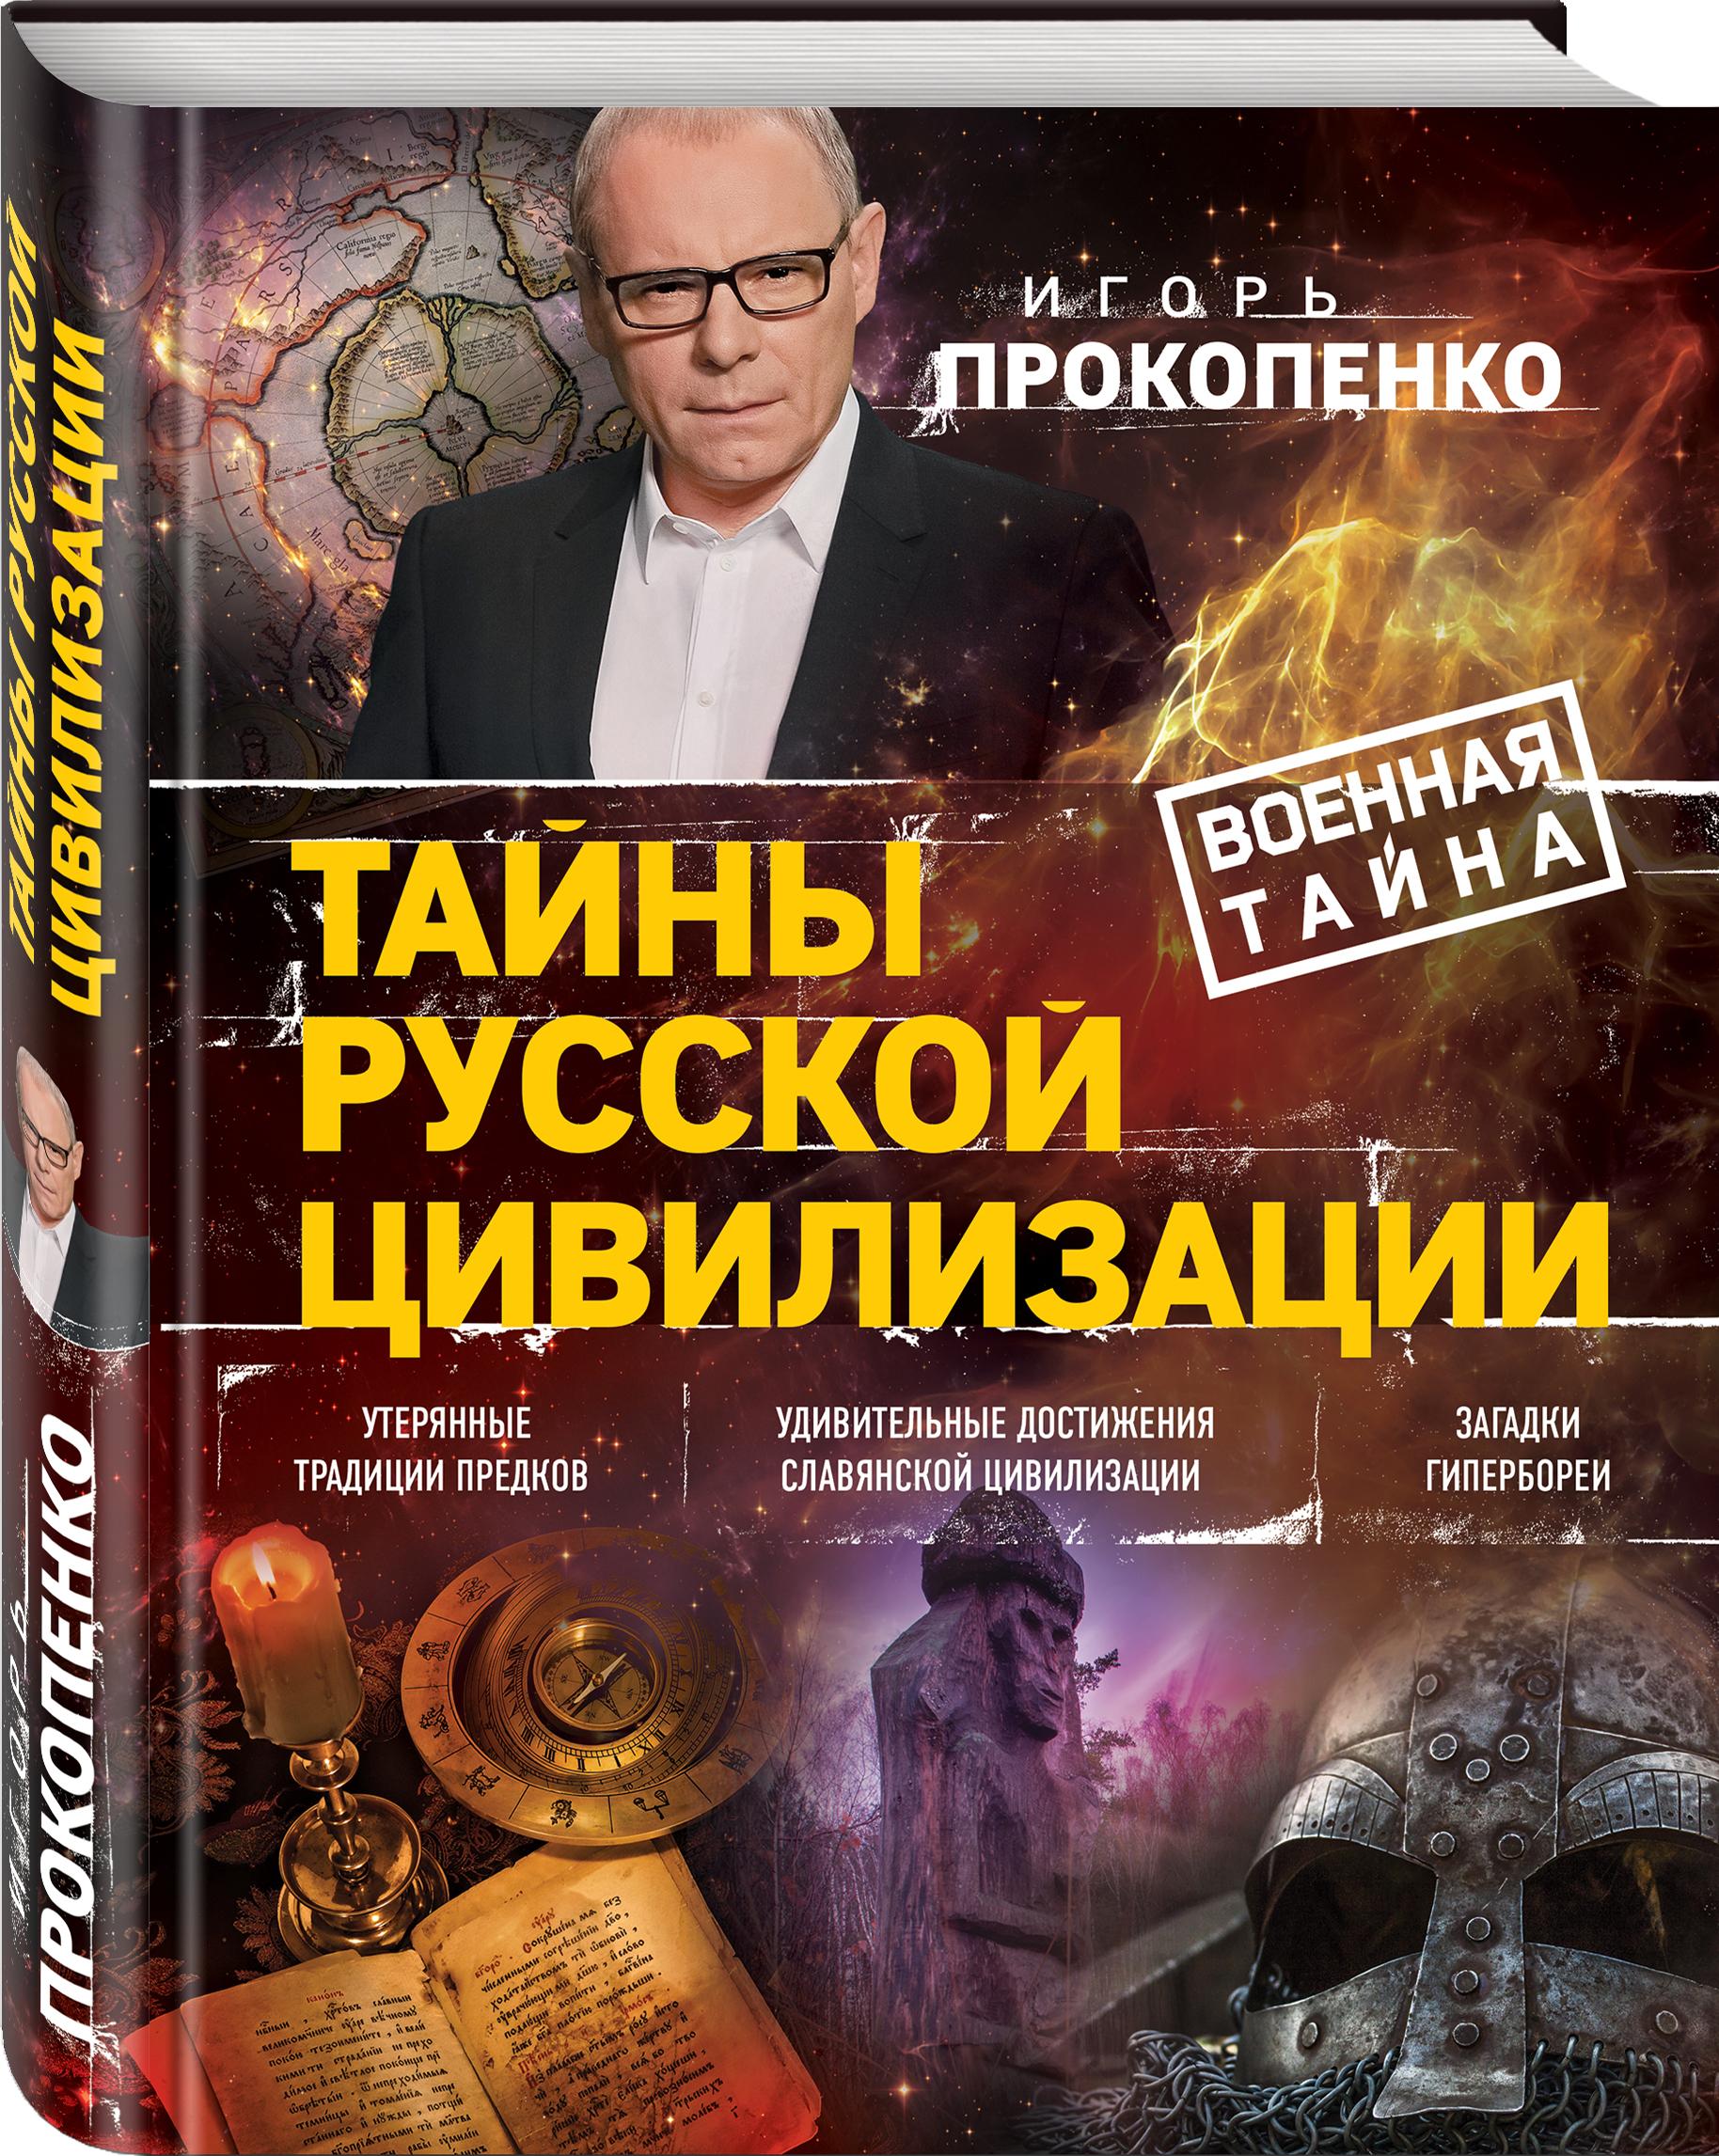 Тайны русской цивилизации. Игорь Прокопенко